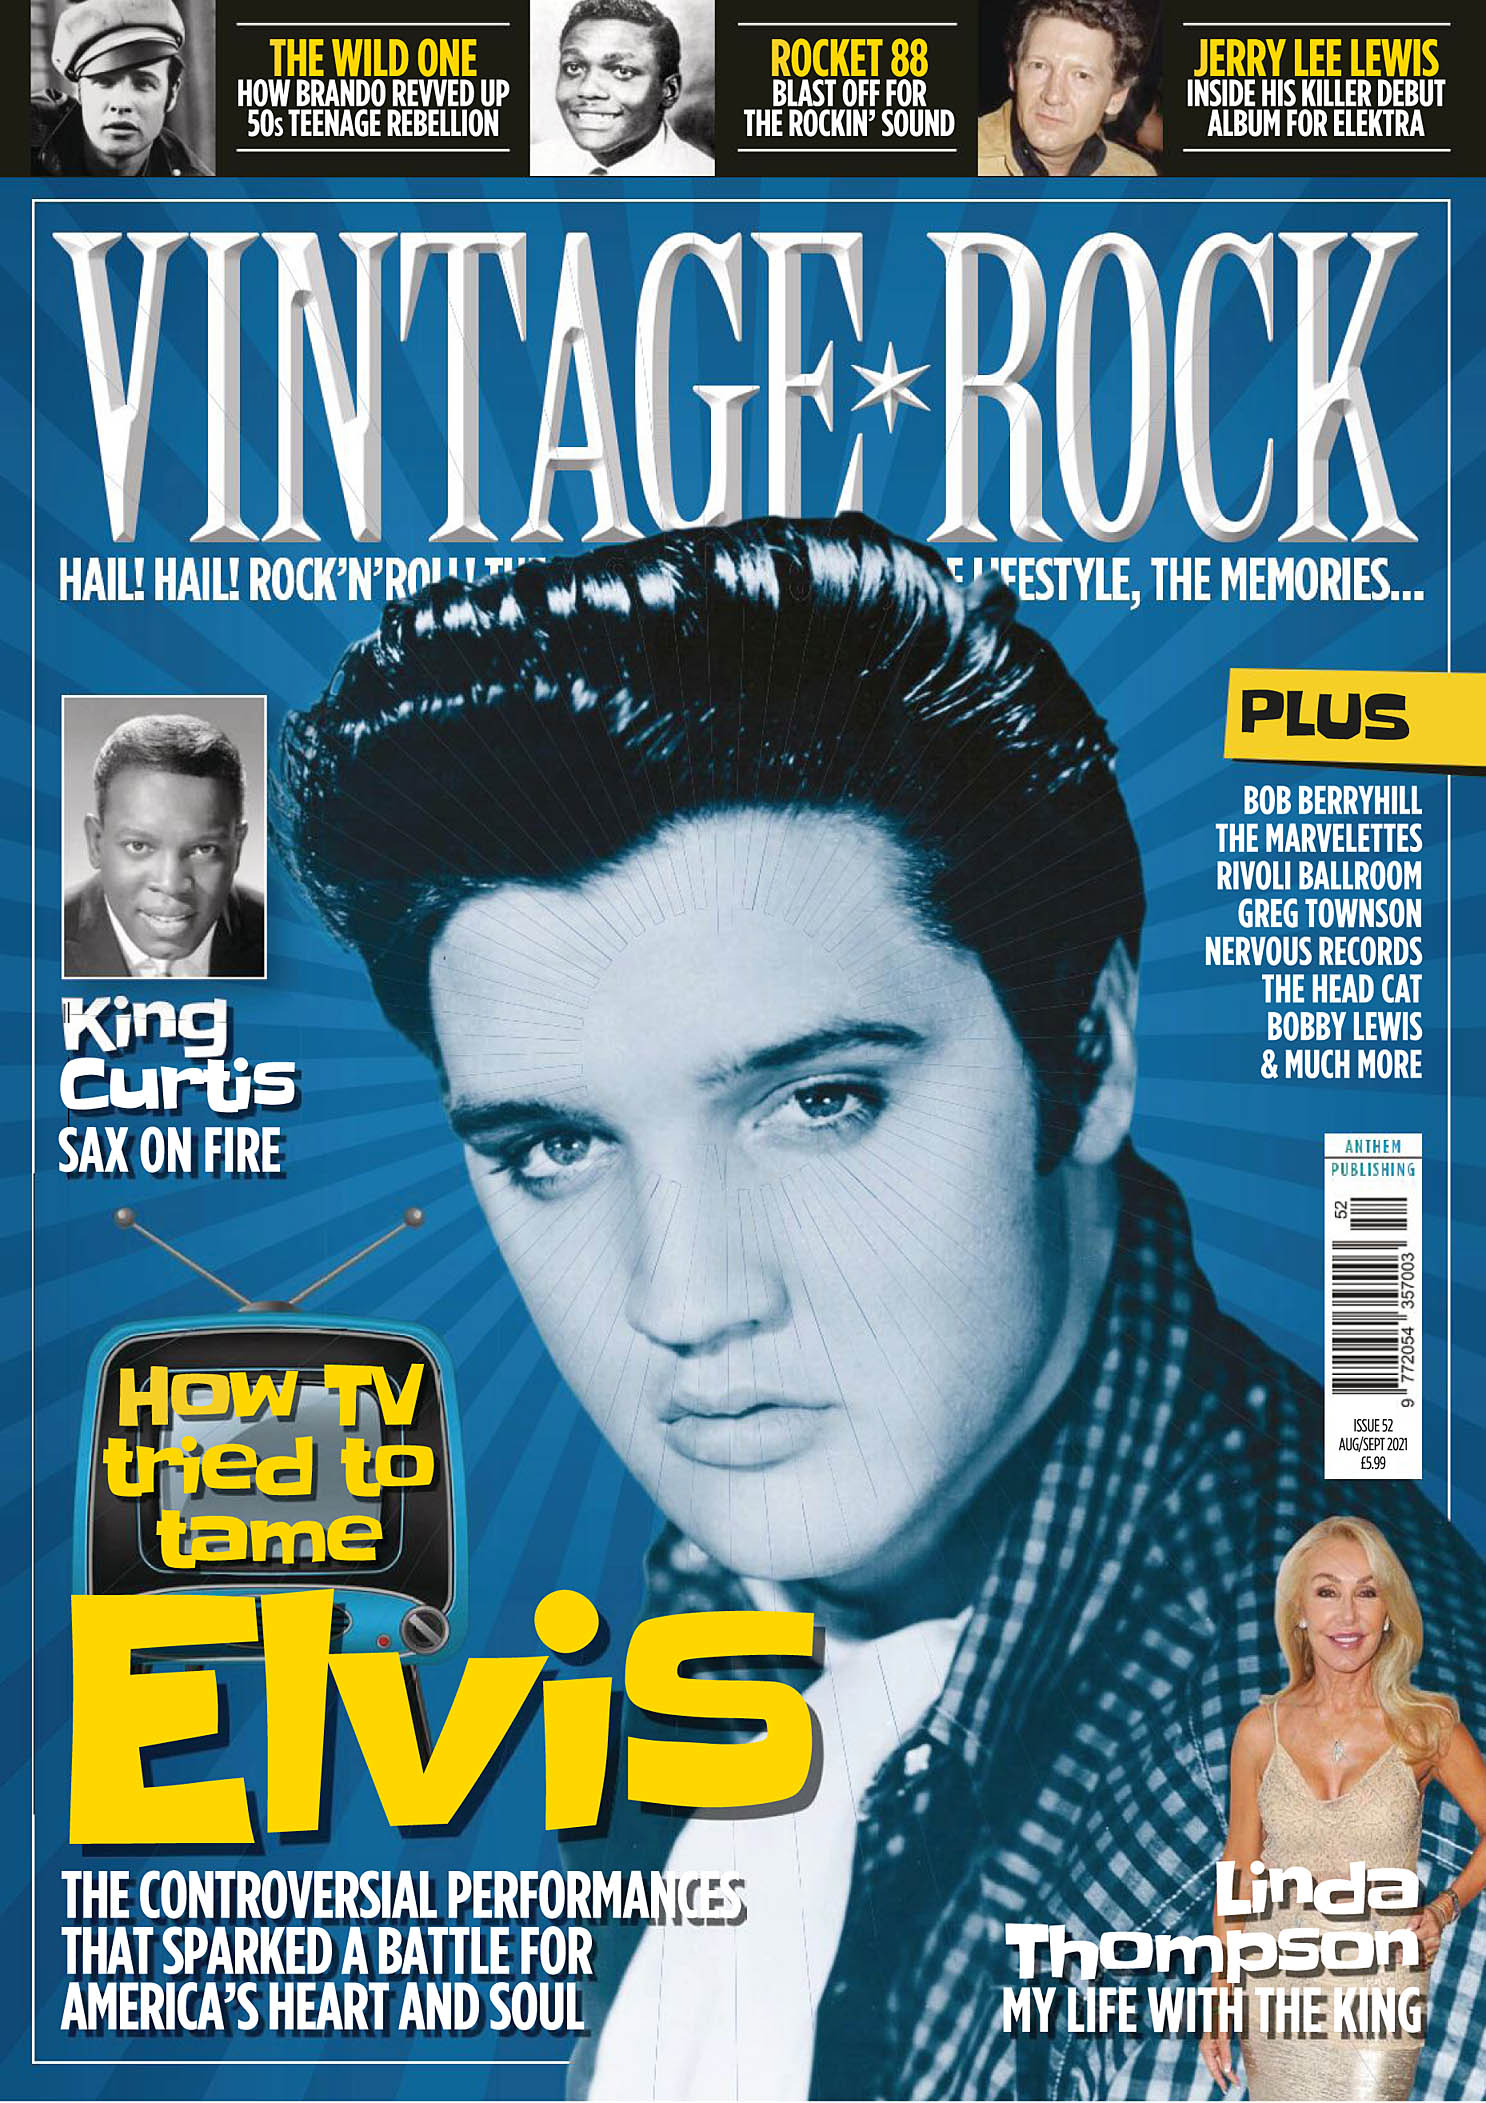 Vintage Rock 2021-08-09 Elvis 01.jpg